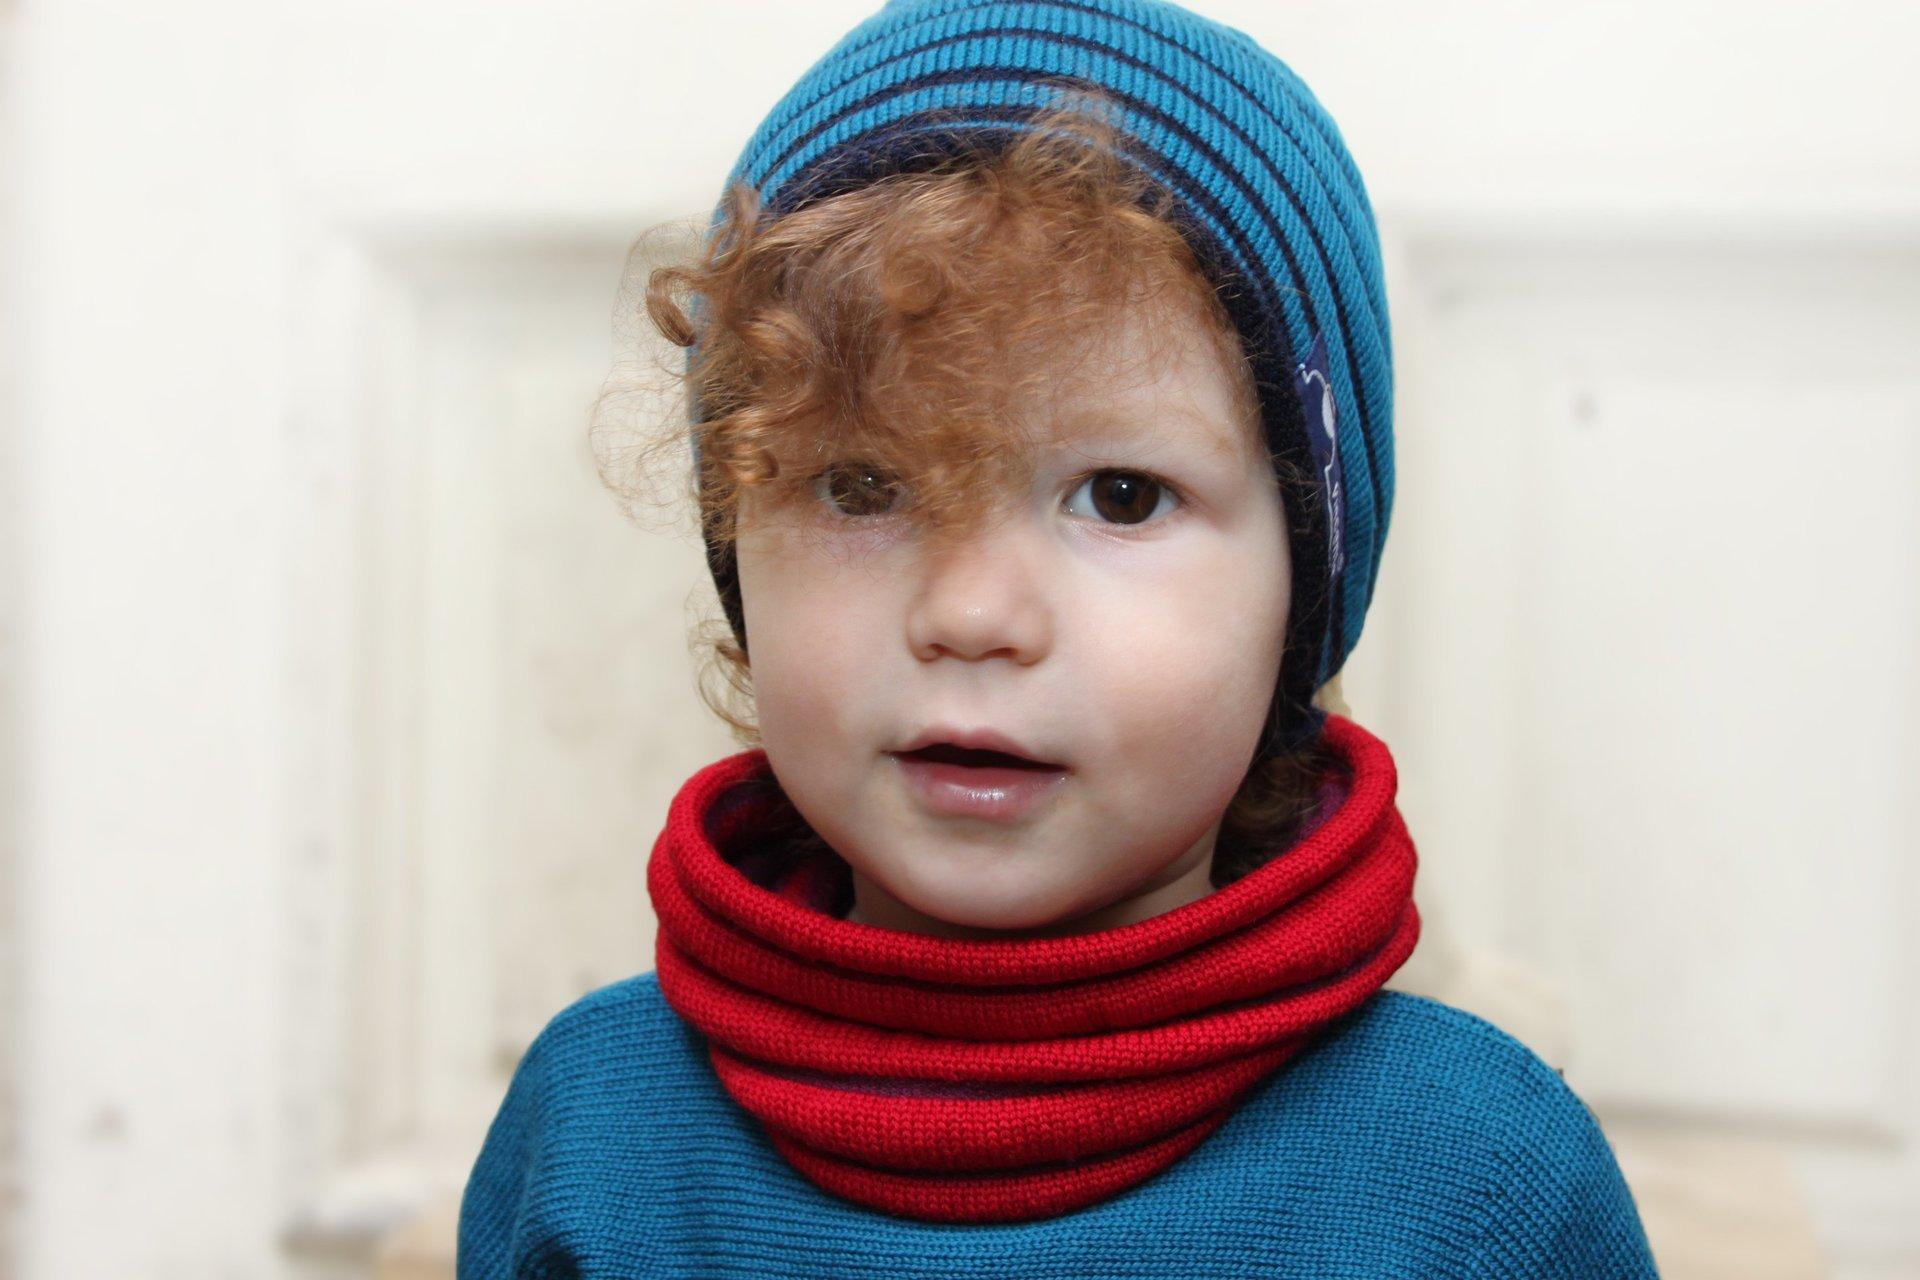 Kind mit Rinkelmütze, die man auch als Schal tragen kann, gestrickt aus Merinowolle